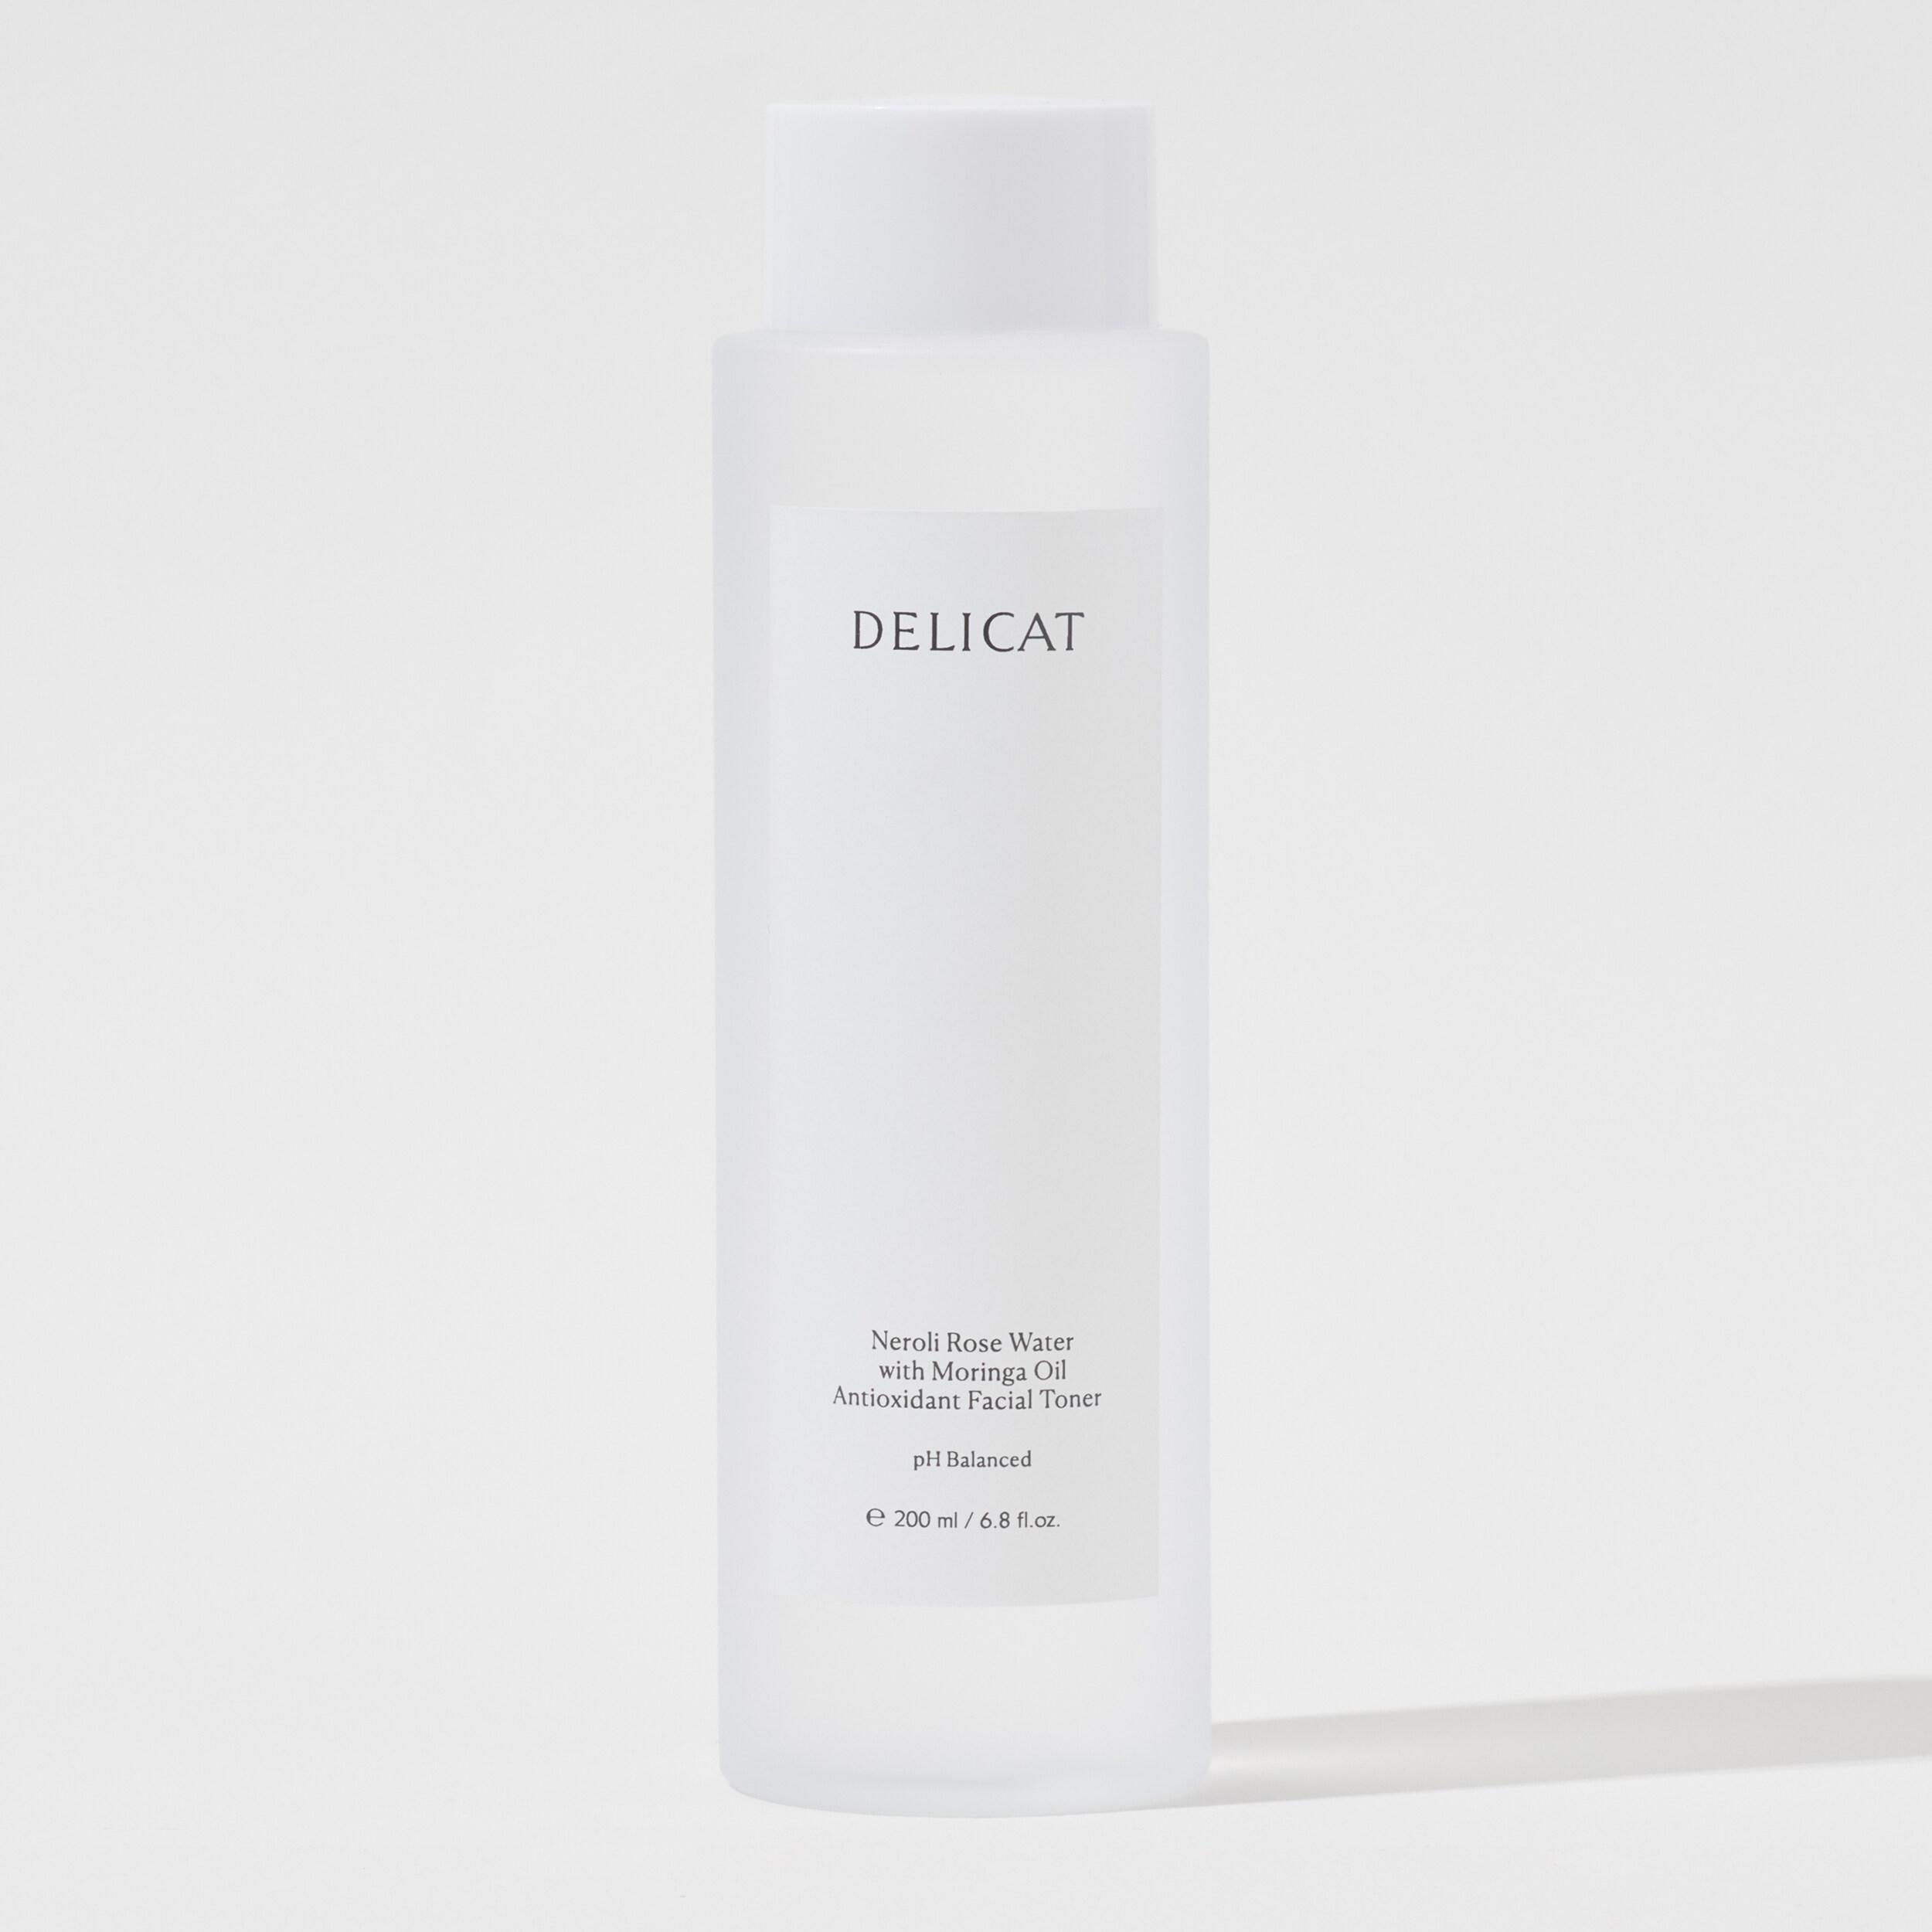 Delicat Neroli Rose Water With Moringa Oil Antioxidant Facial Toner.